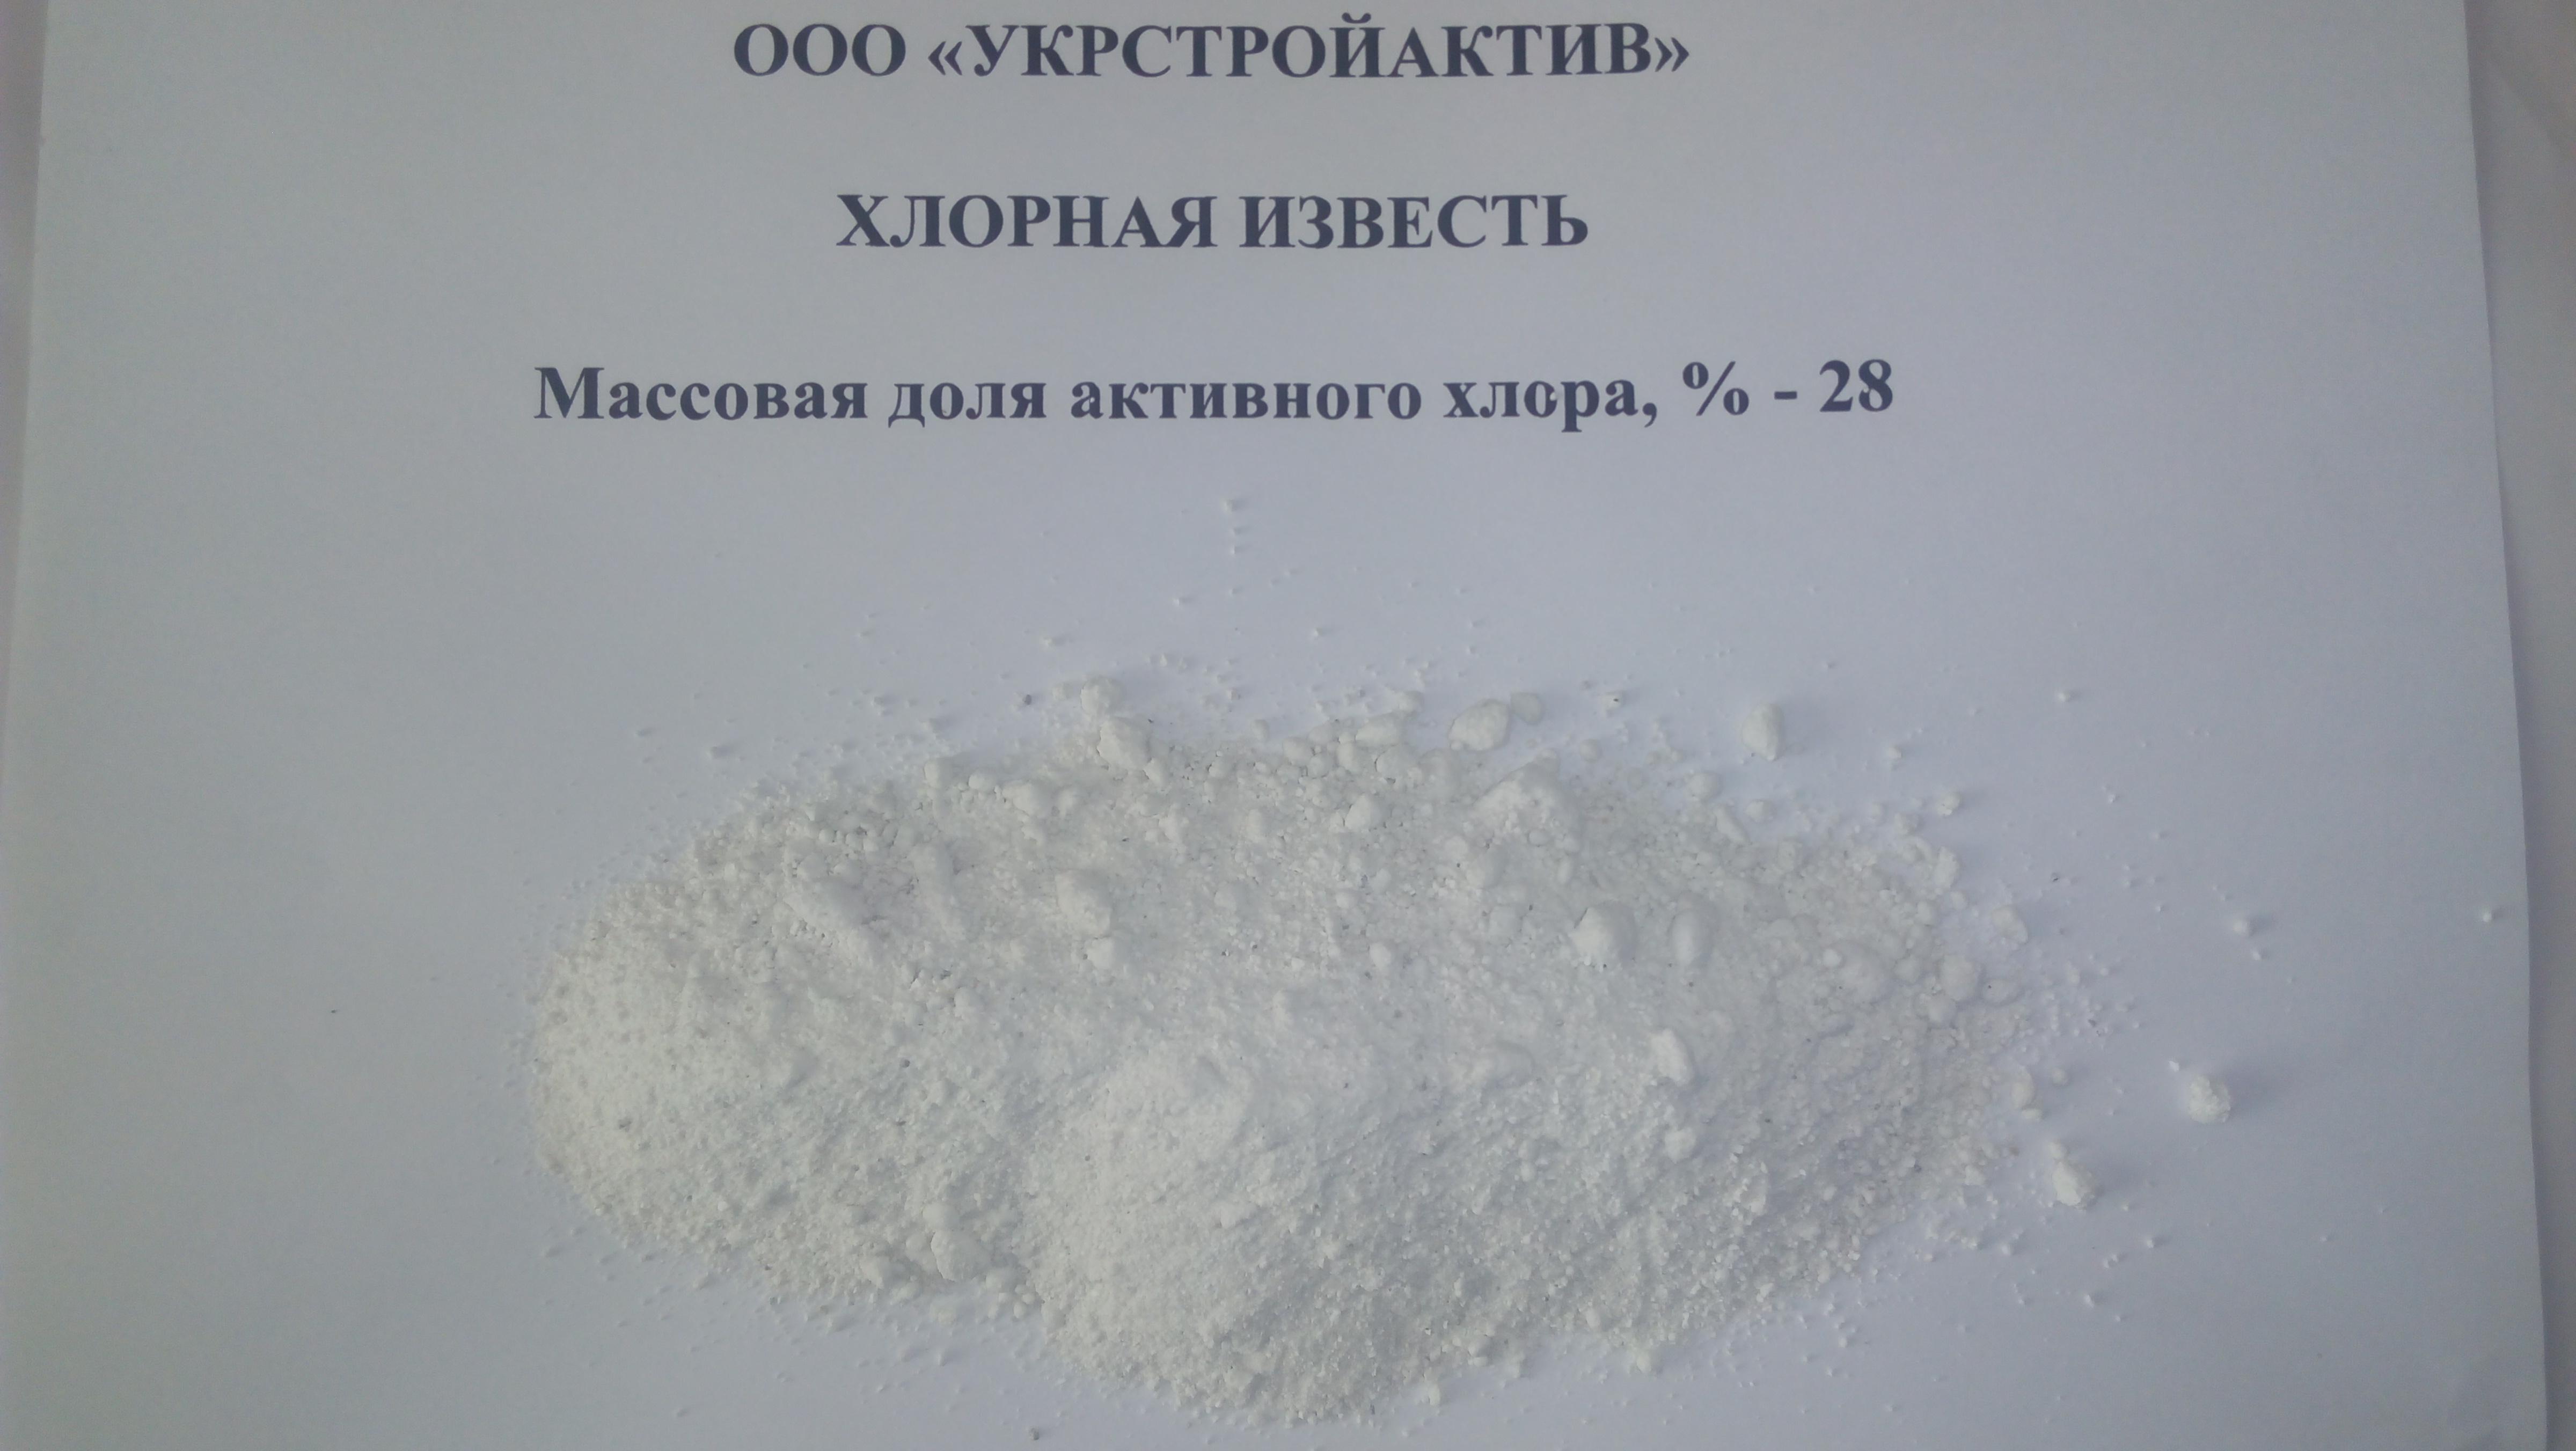 хлорная-известь-1-1